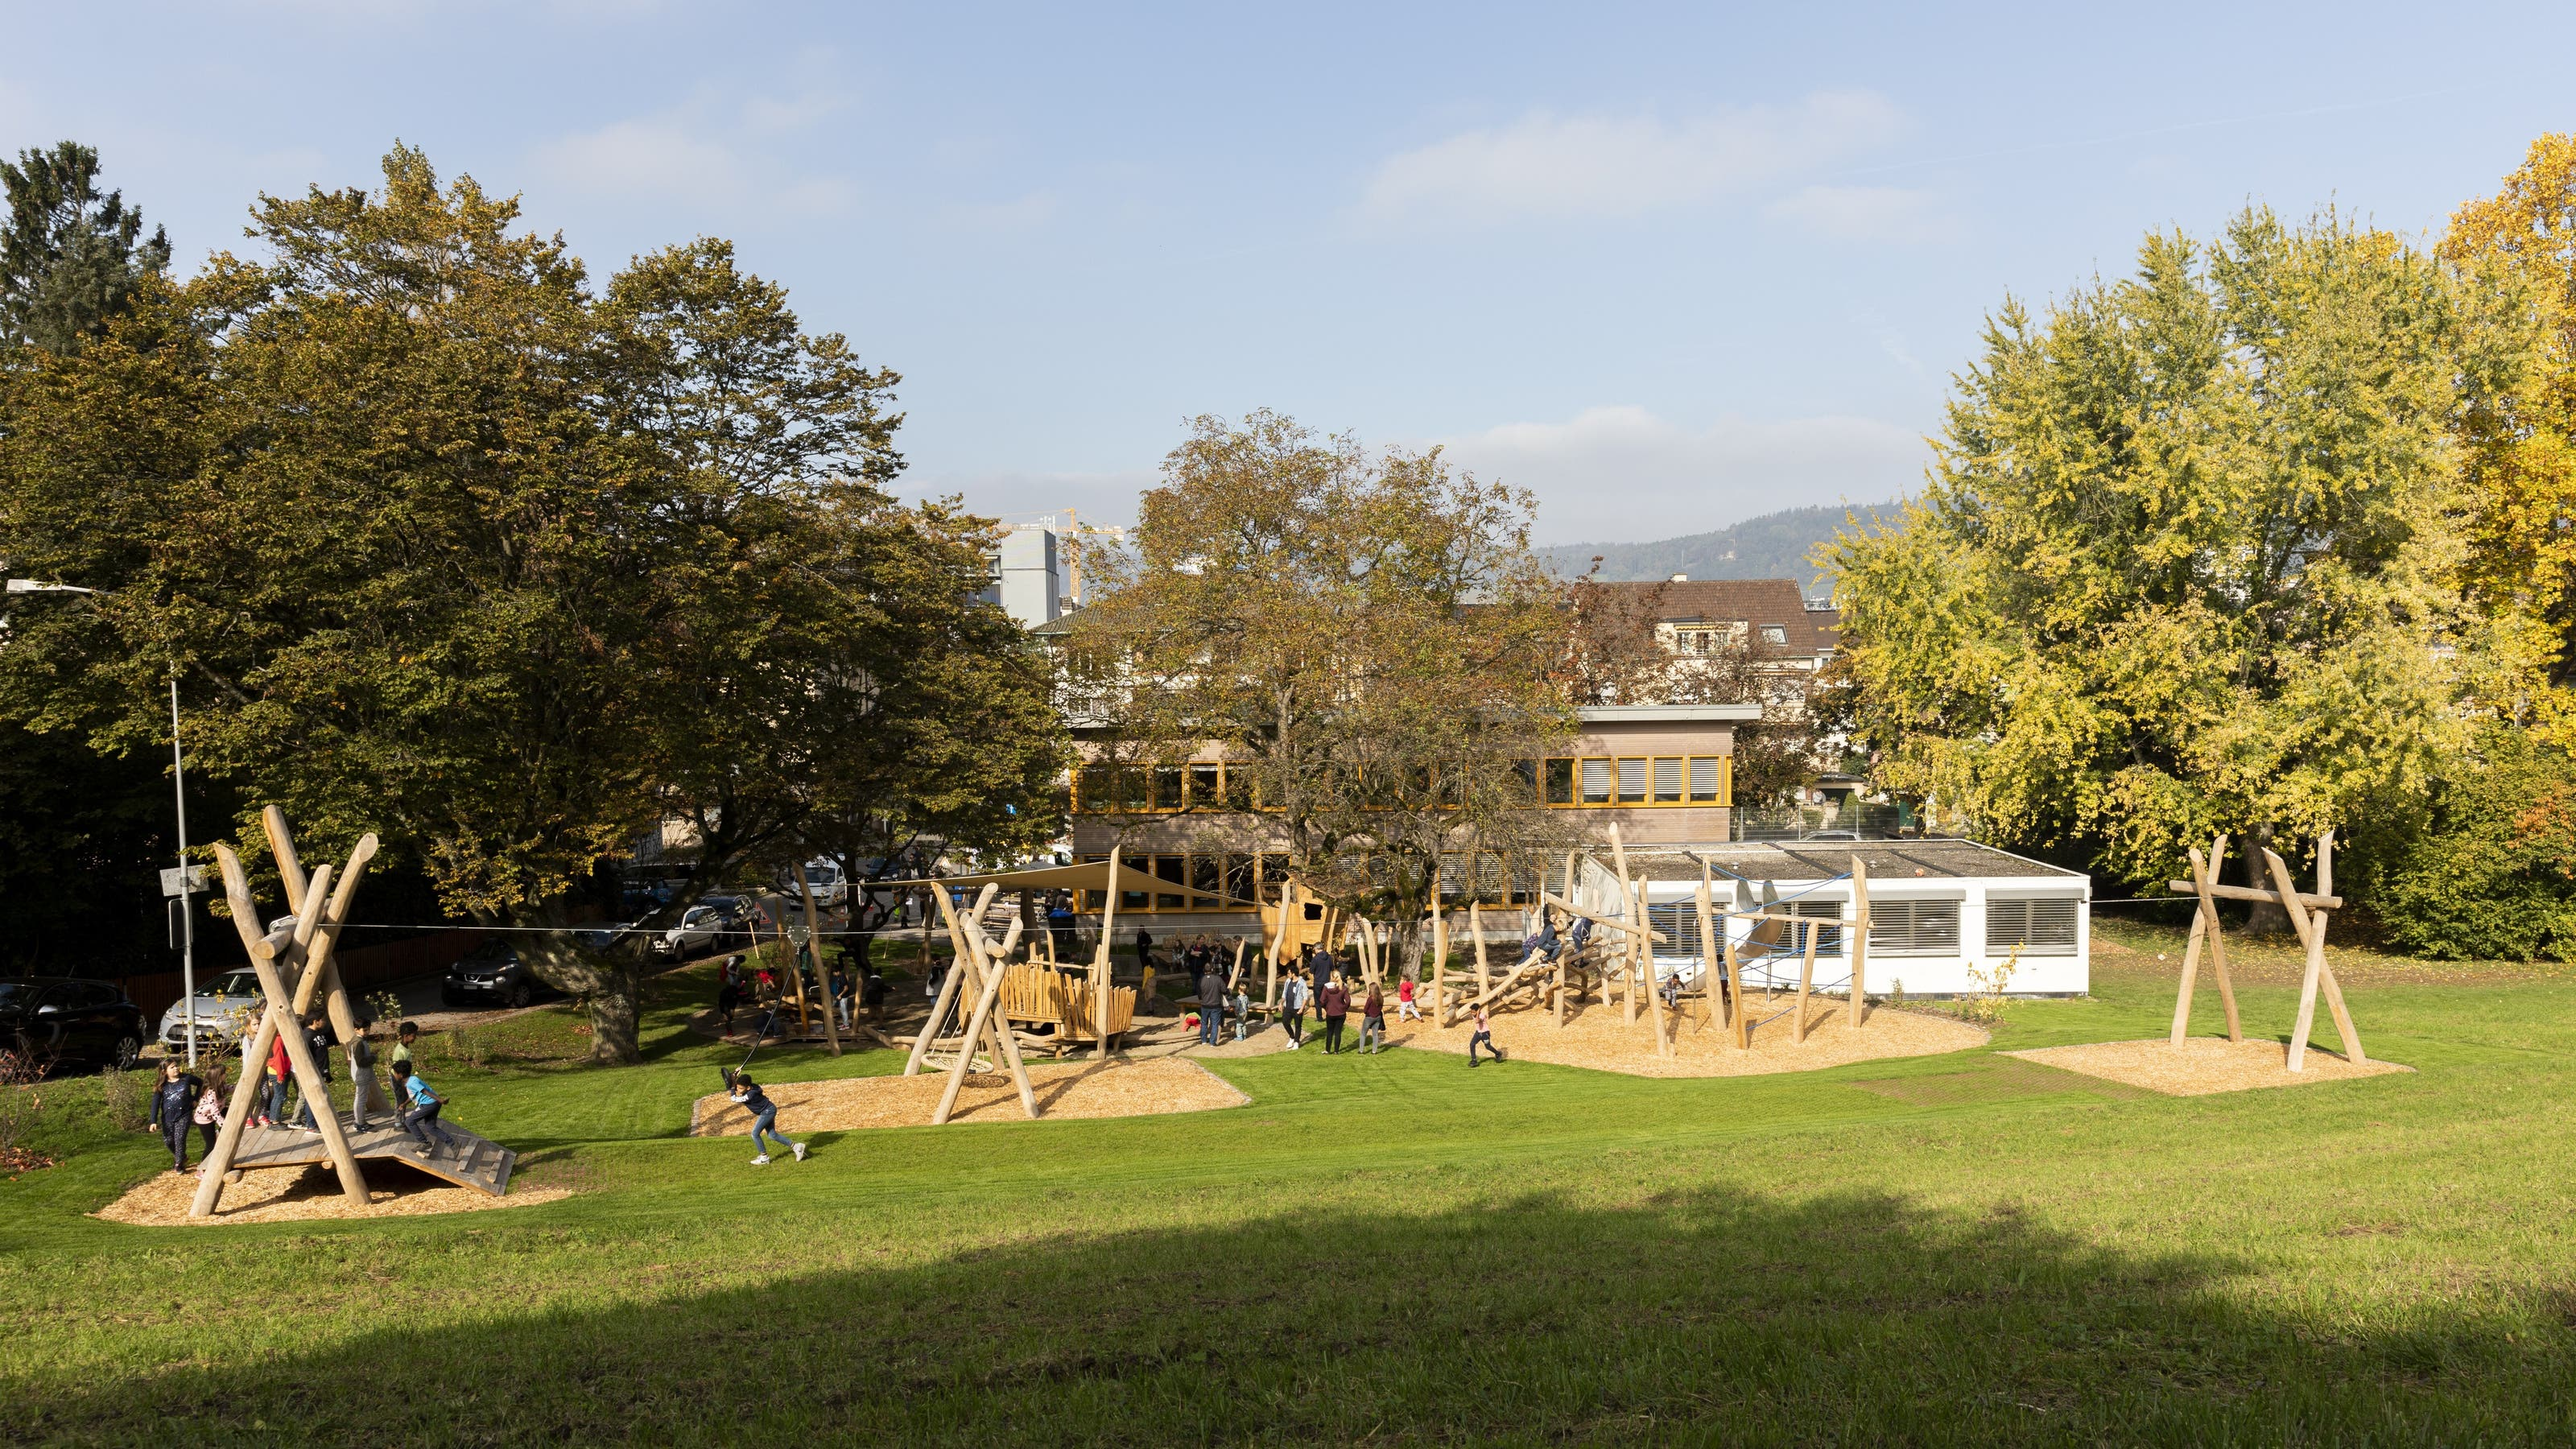 Der öffentliche Spielplatz ist für Kinder verschiedenen Alters gestaltet.